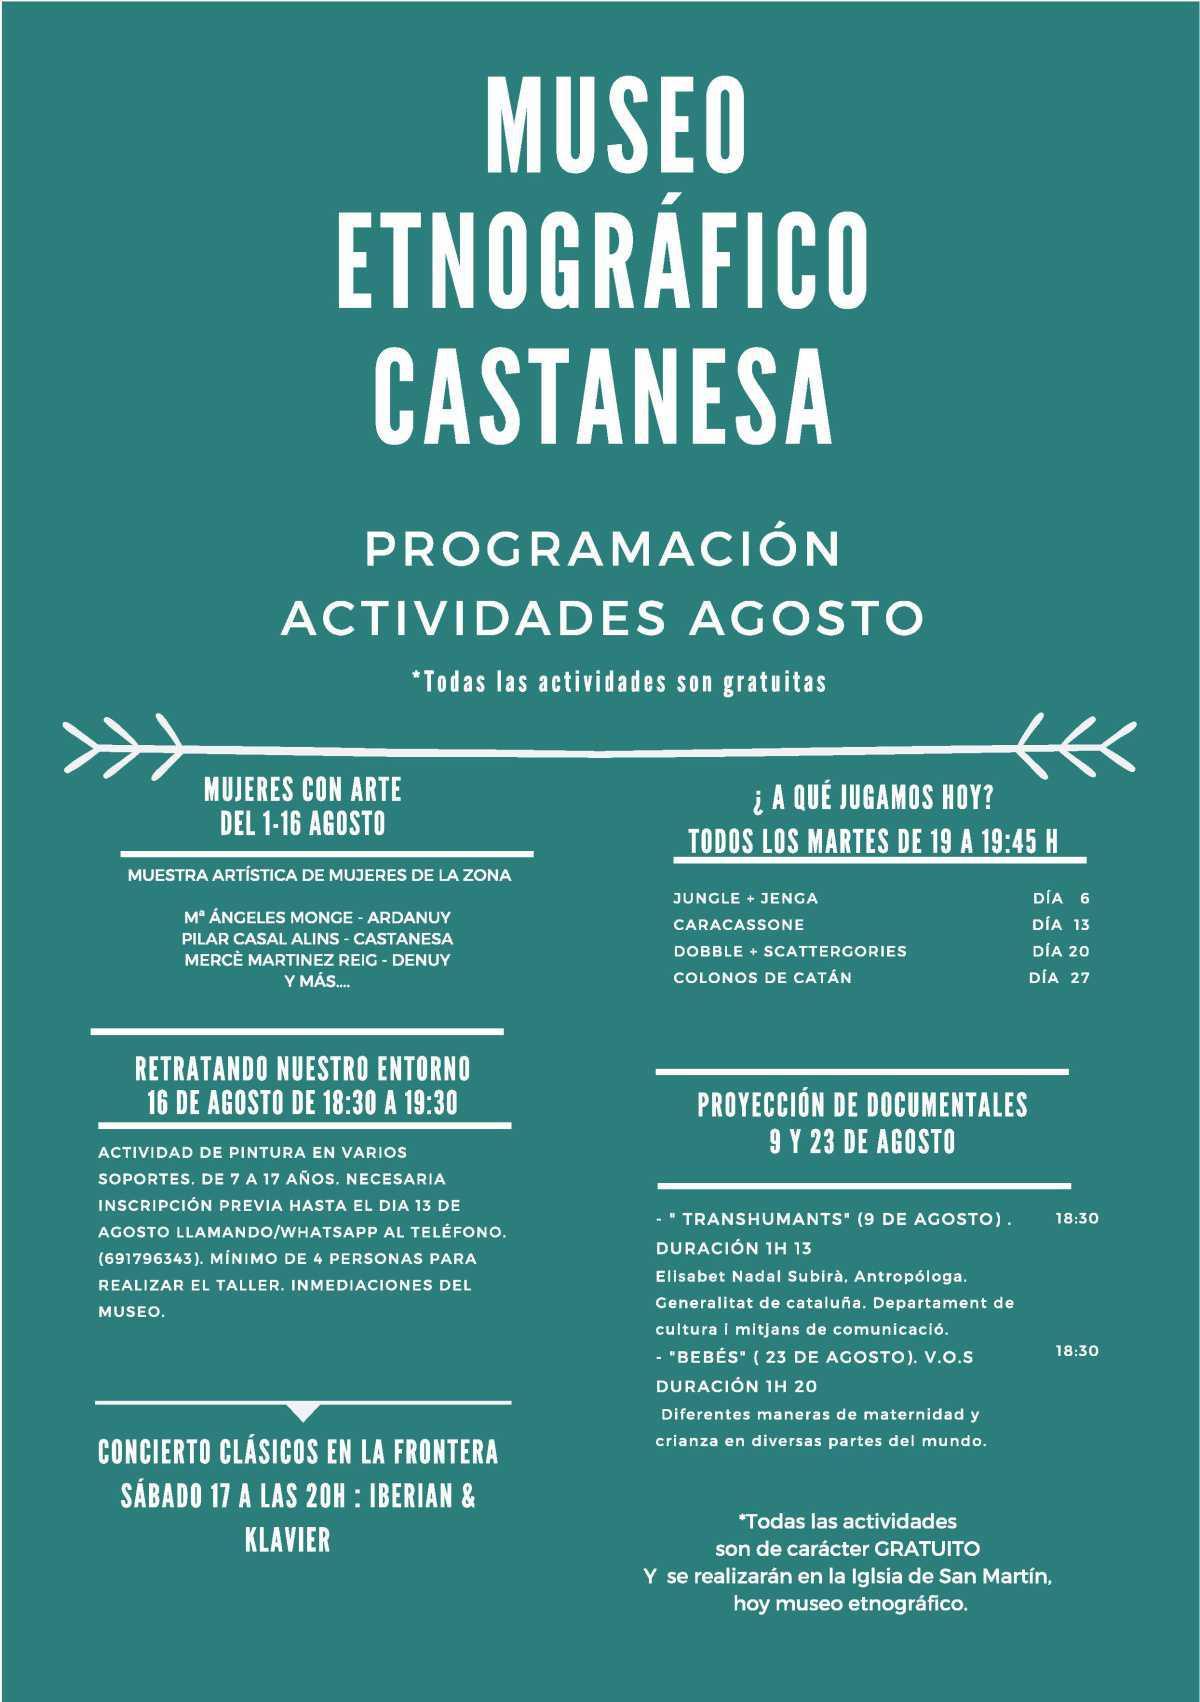 Actividades de verano en el Museo Etnográfico de Castanesa (Huesca)